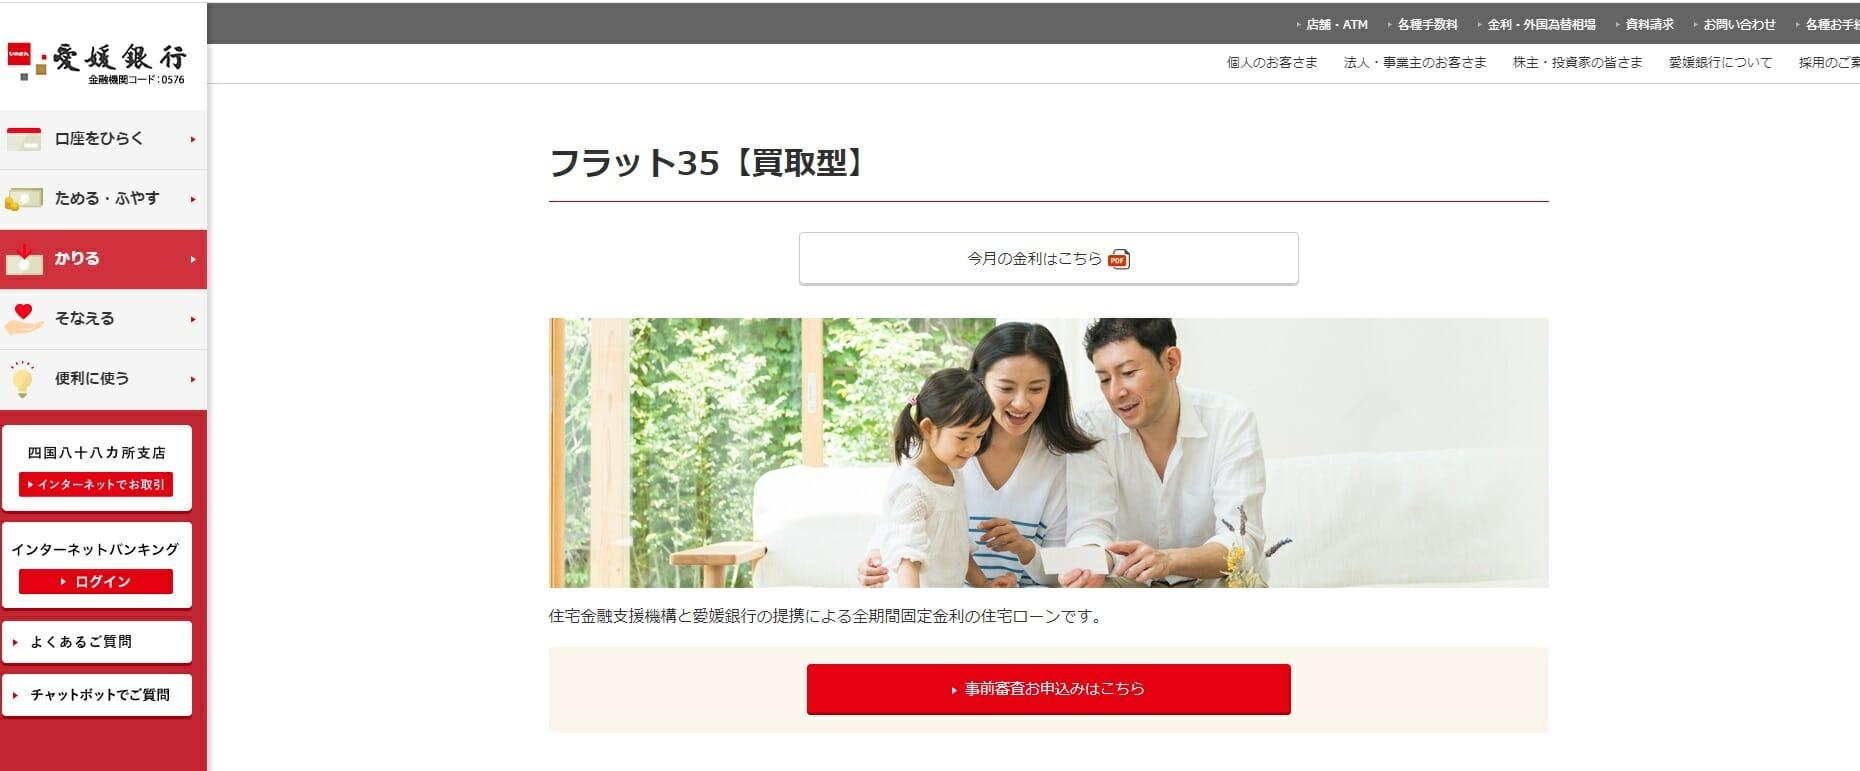 愛媛銀行のフラット35